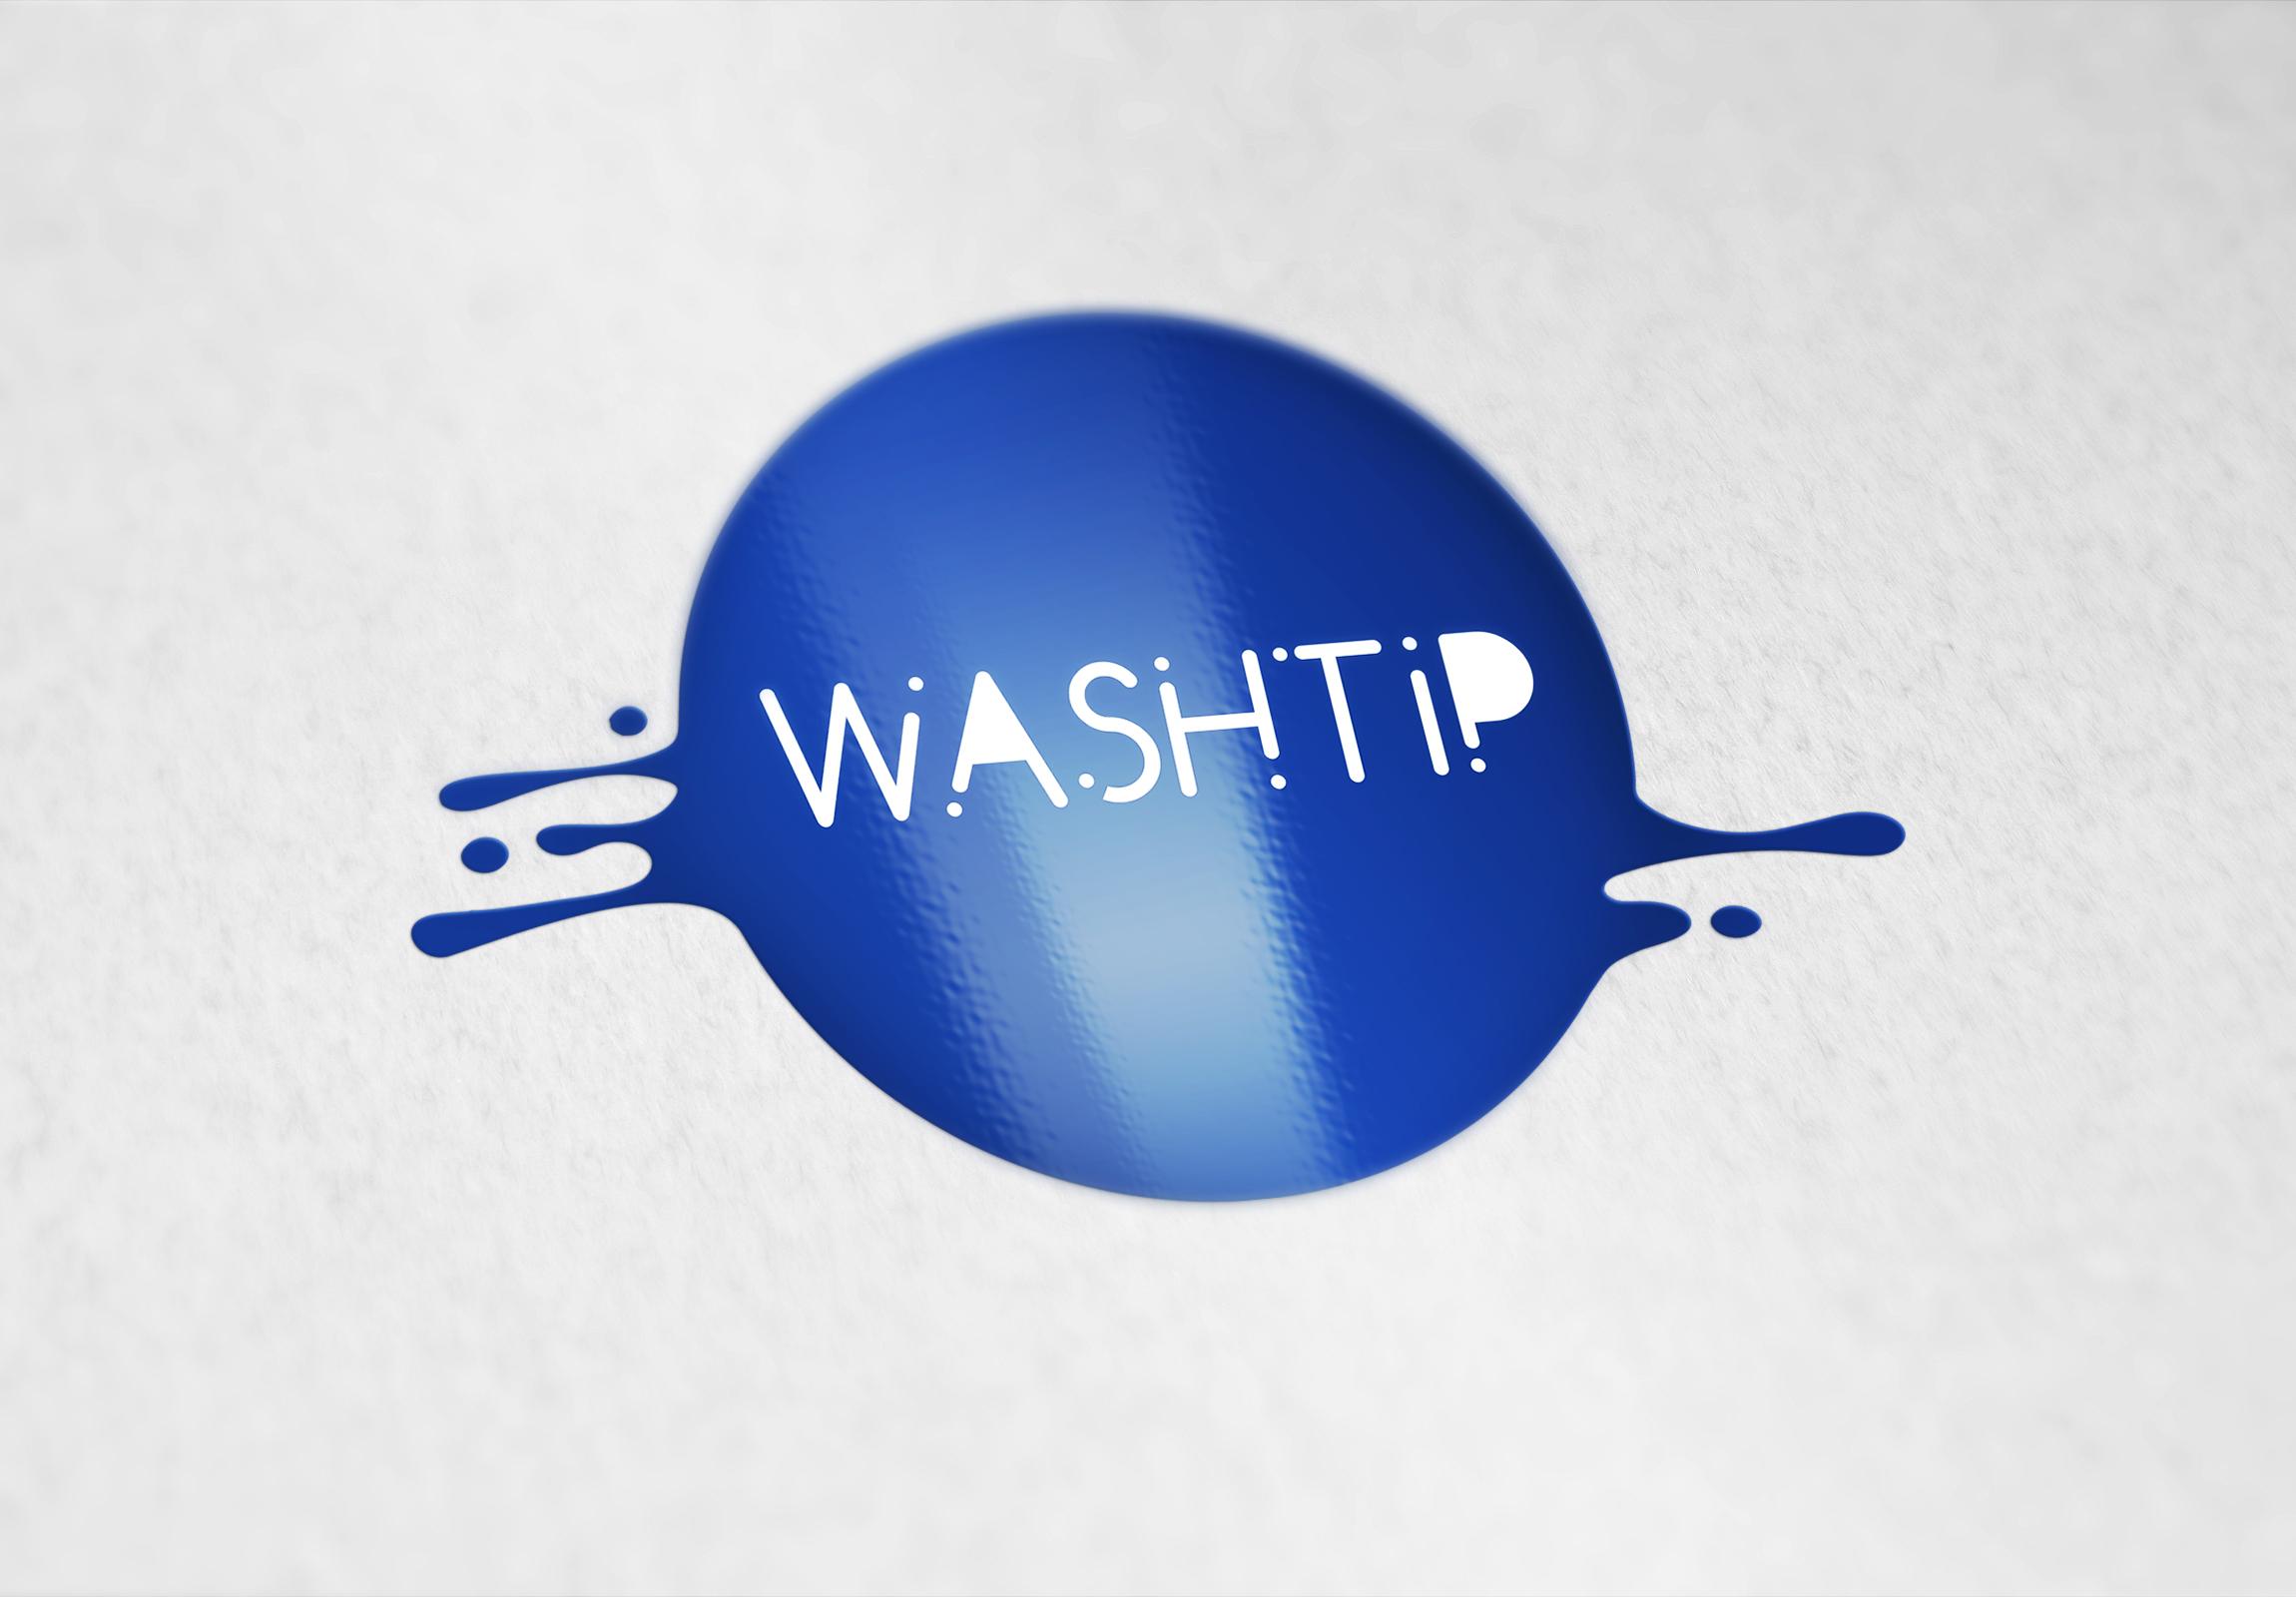 Разработка логотипа для онлайн-сервиса химчистки фото f_3175c066cdfed851.jpg